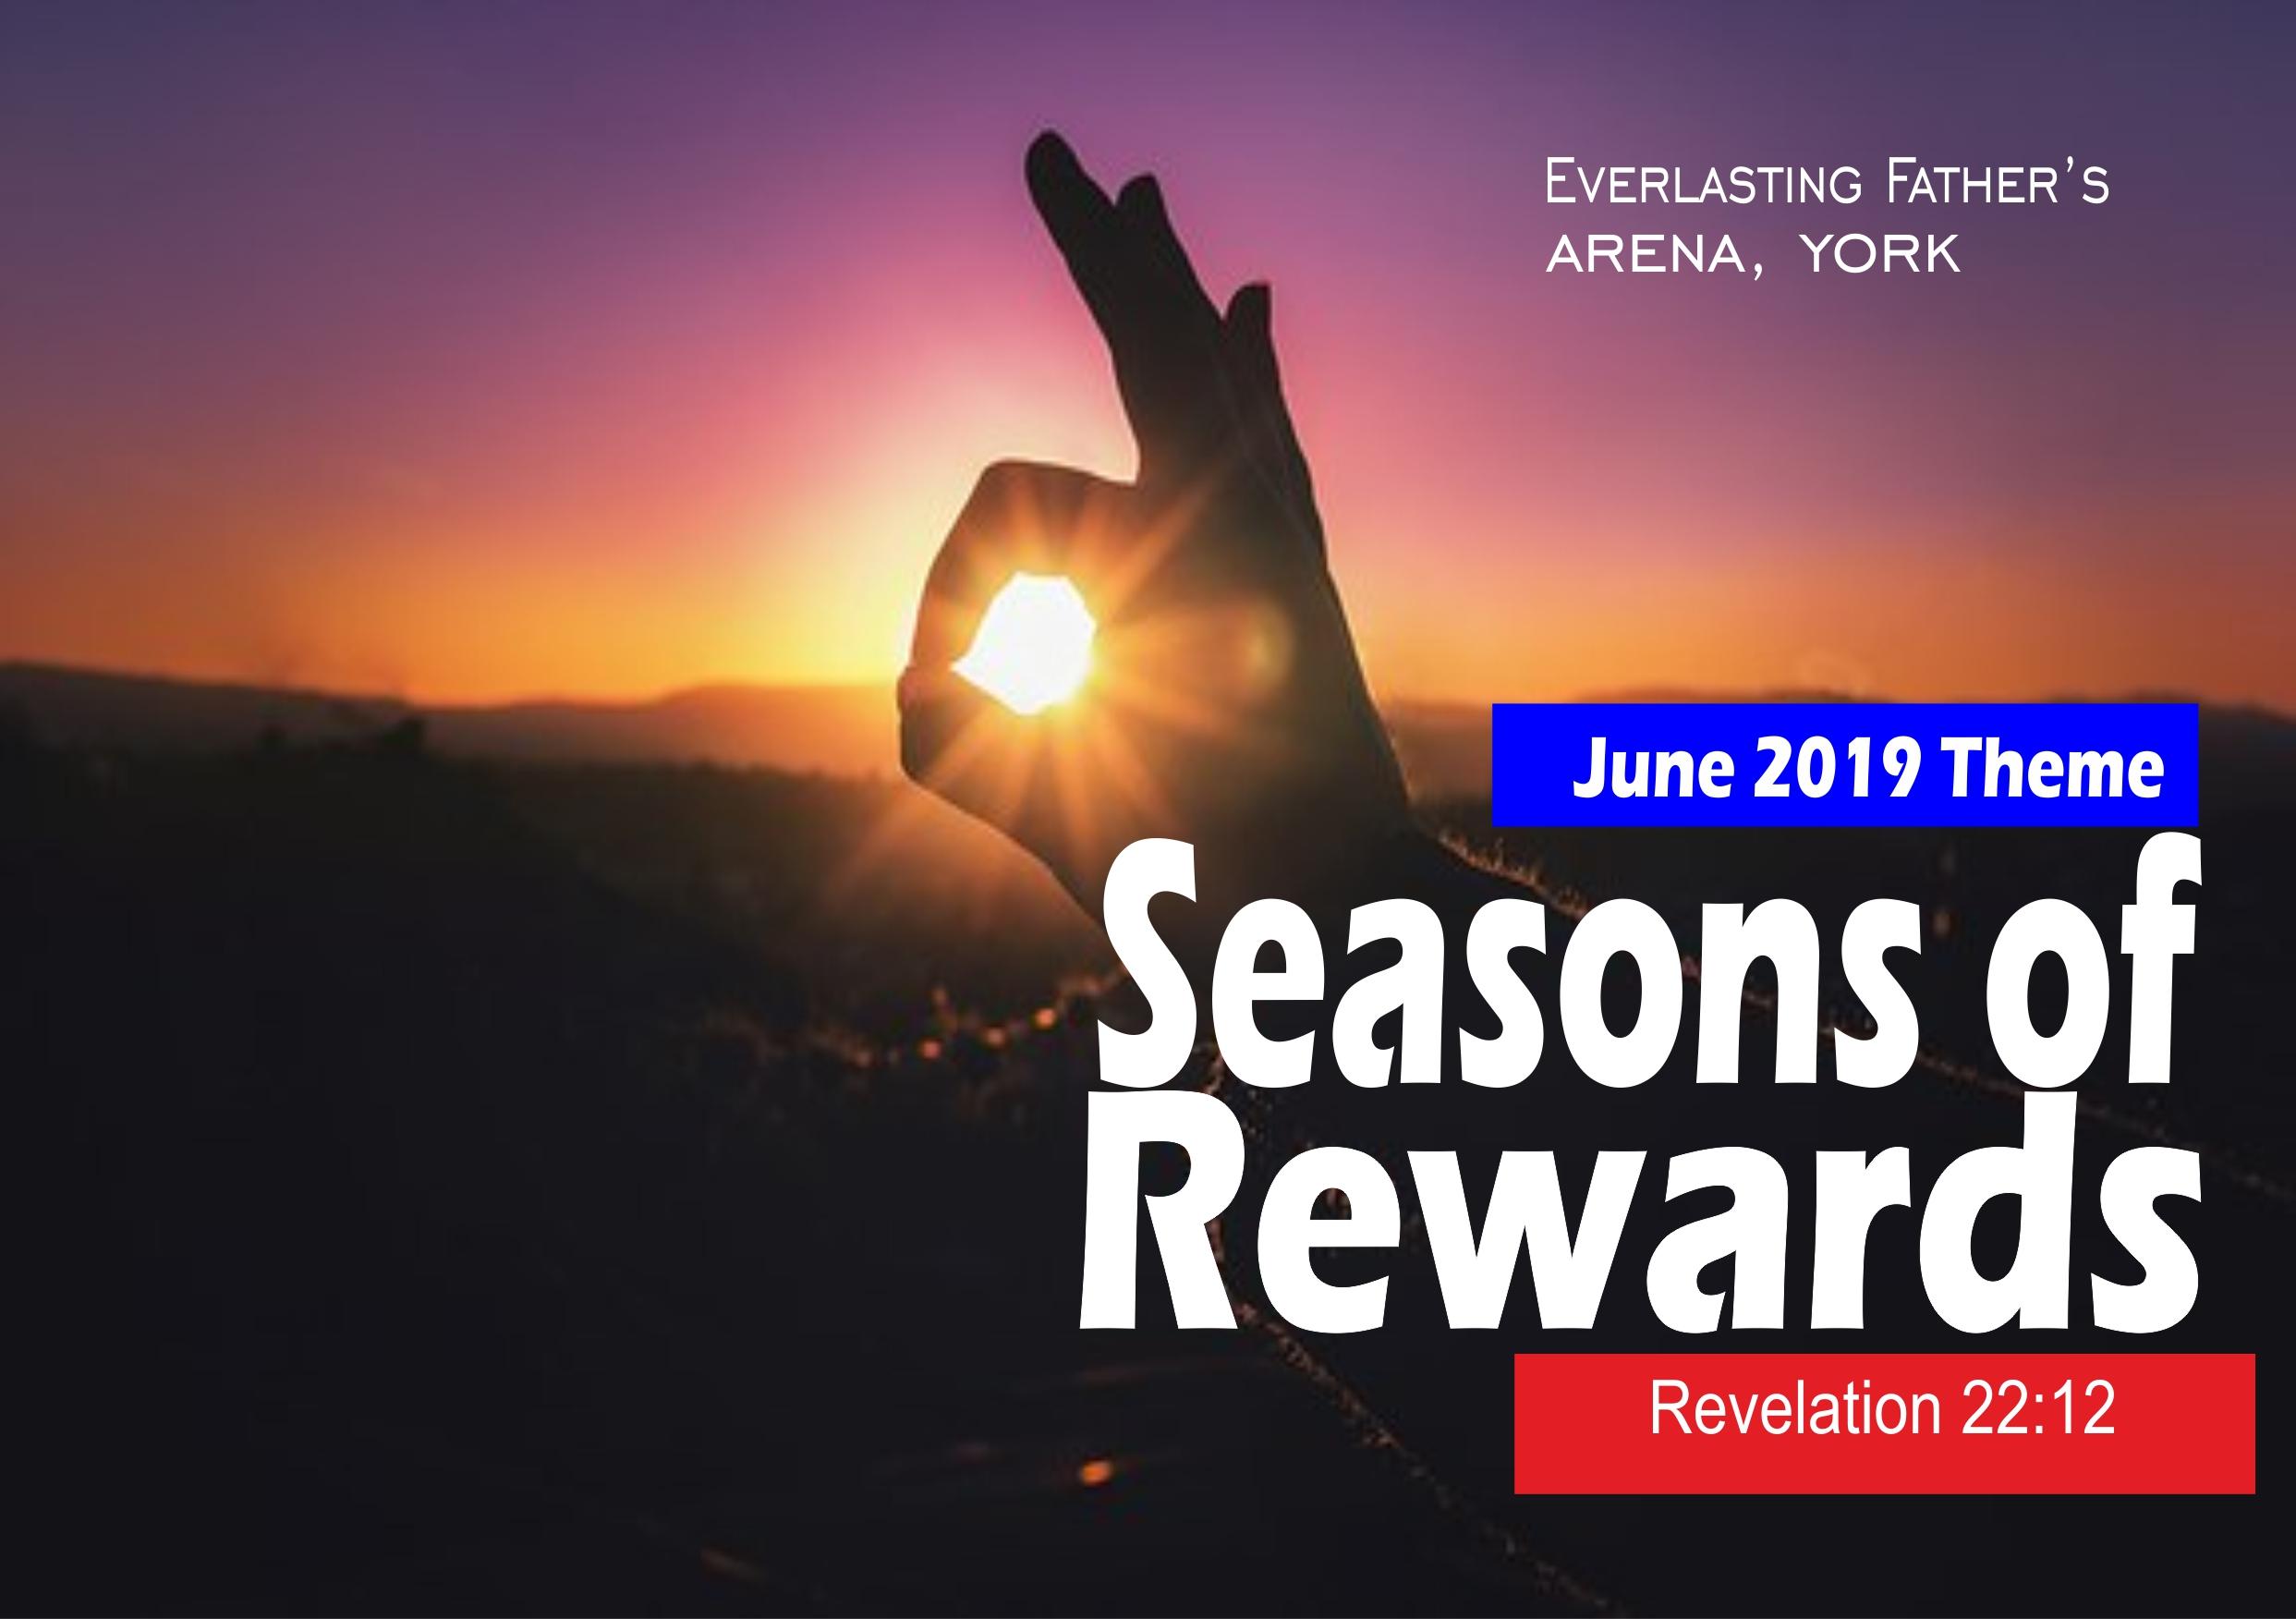 June 2019 Theme - Season Of Reward - Rev 22:12